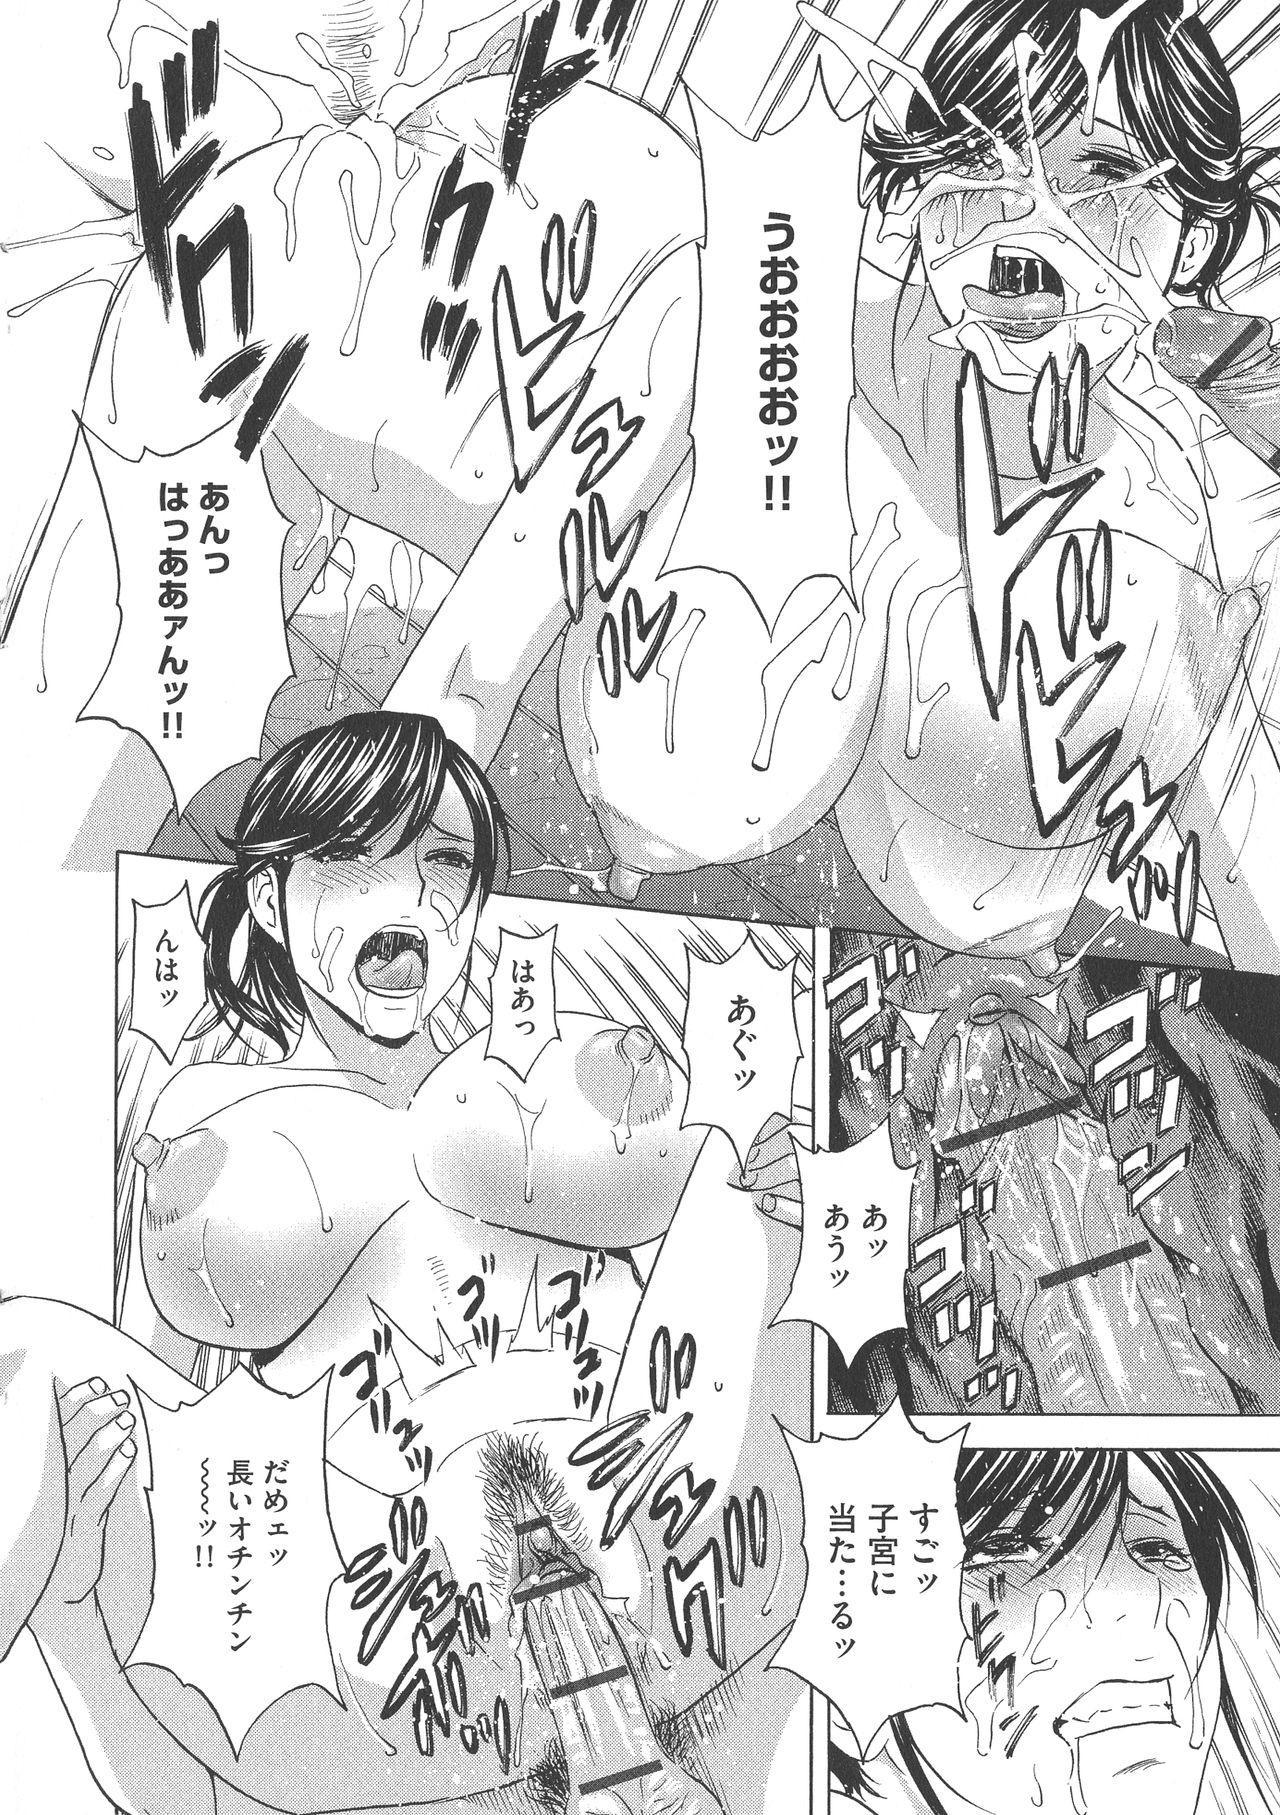 Chijoku ni Modaeru Haha no Chichi… 17